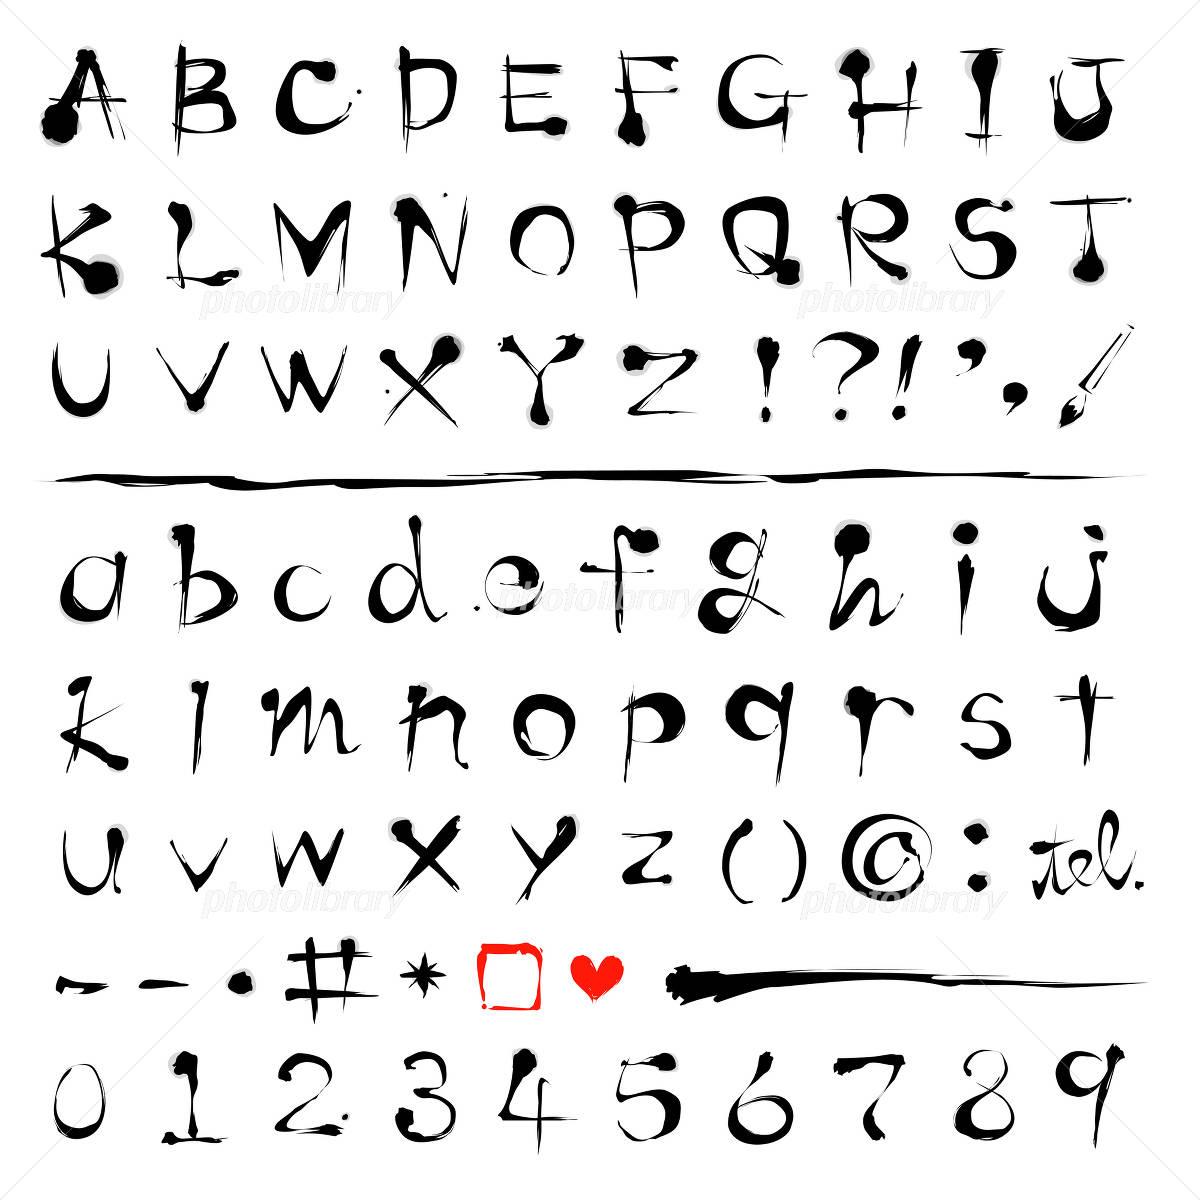 筆文字アルファベット フォント イラスト素材 2530371